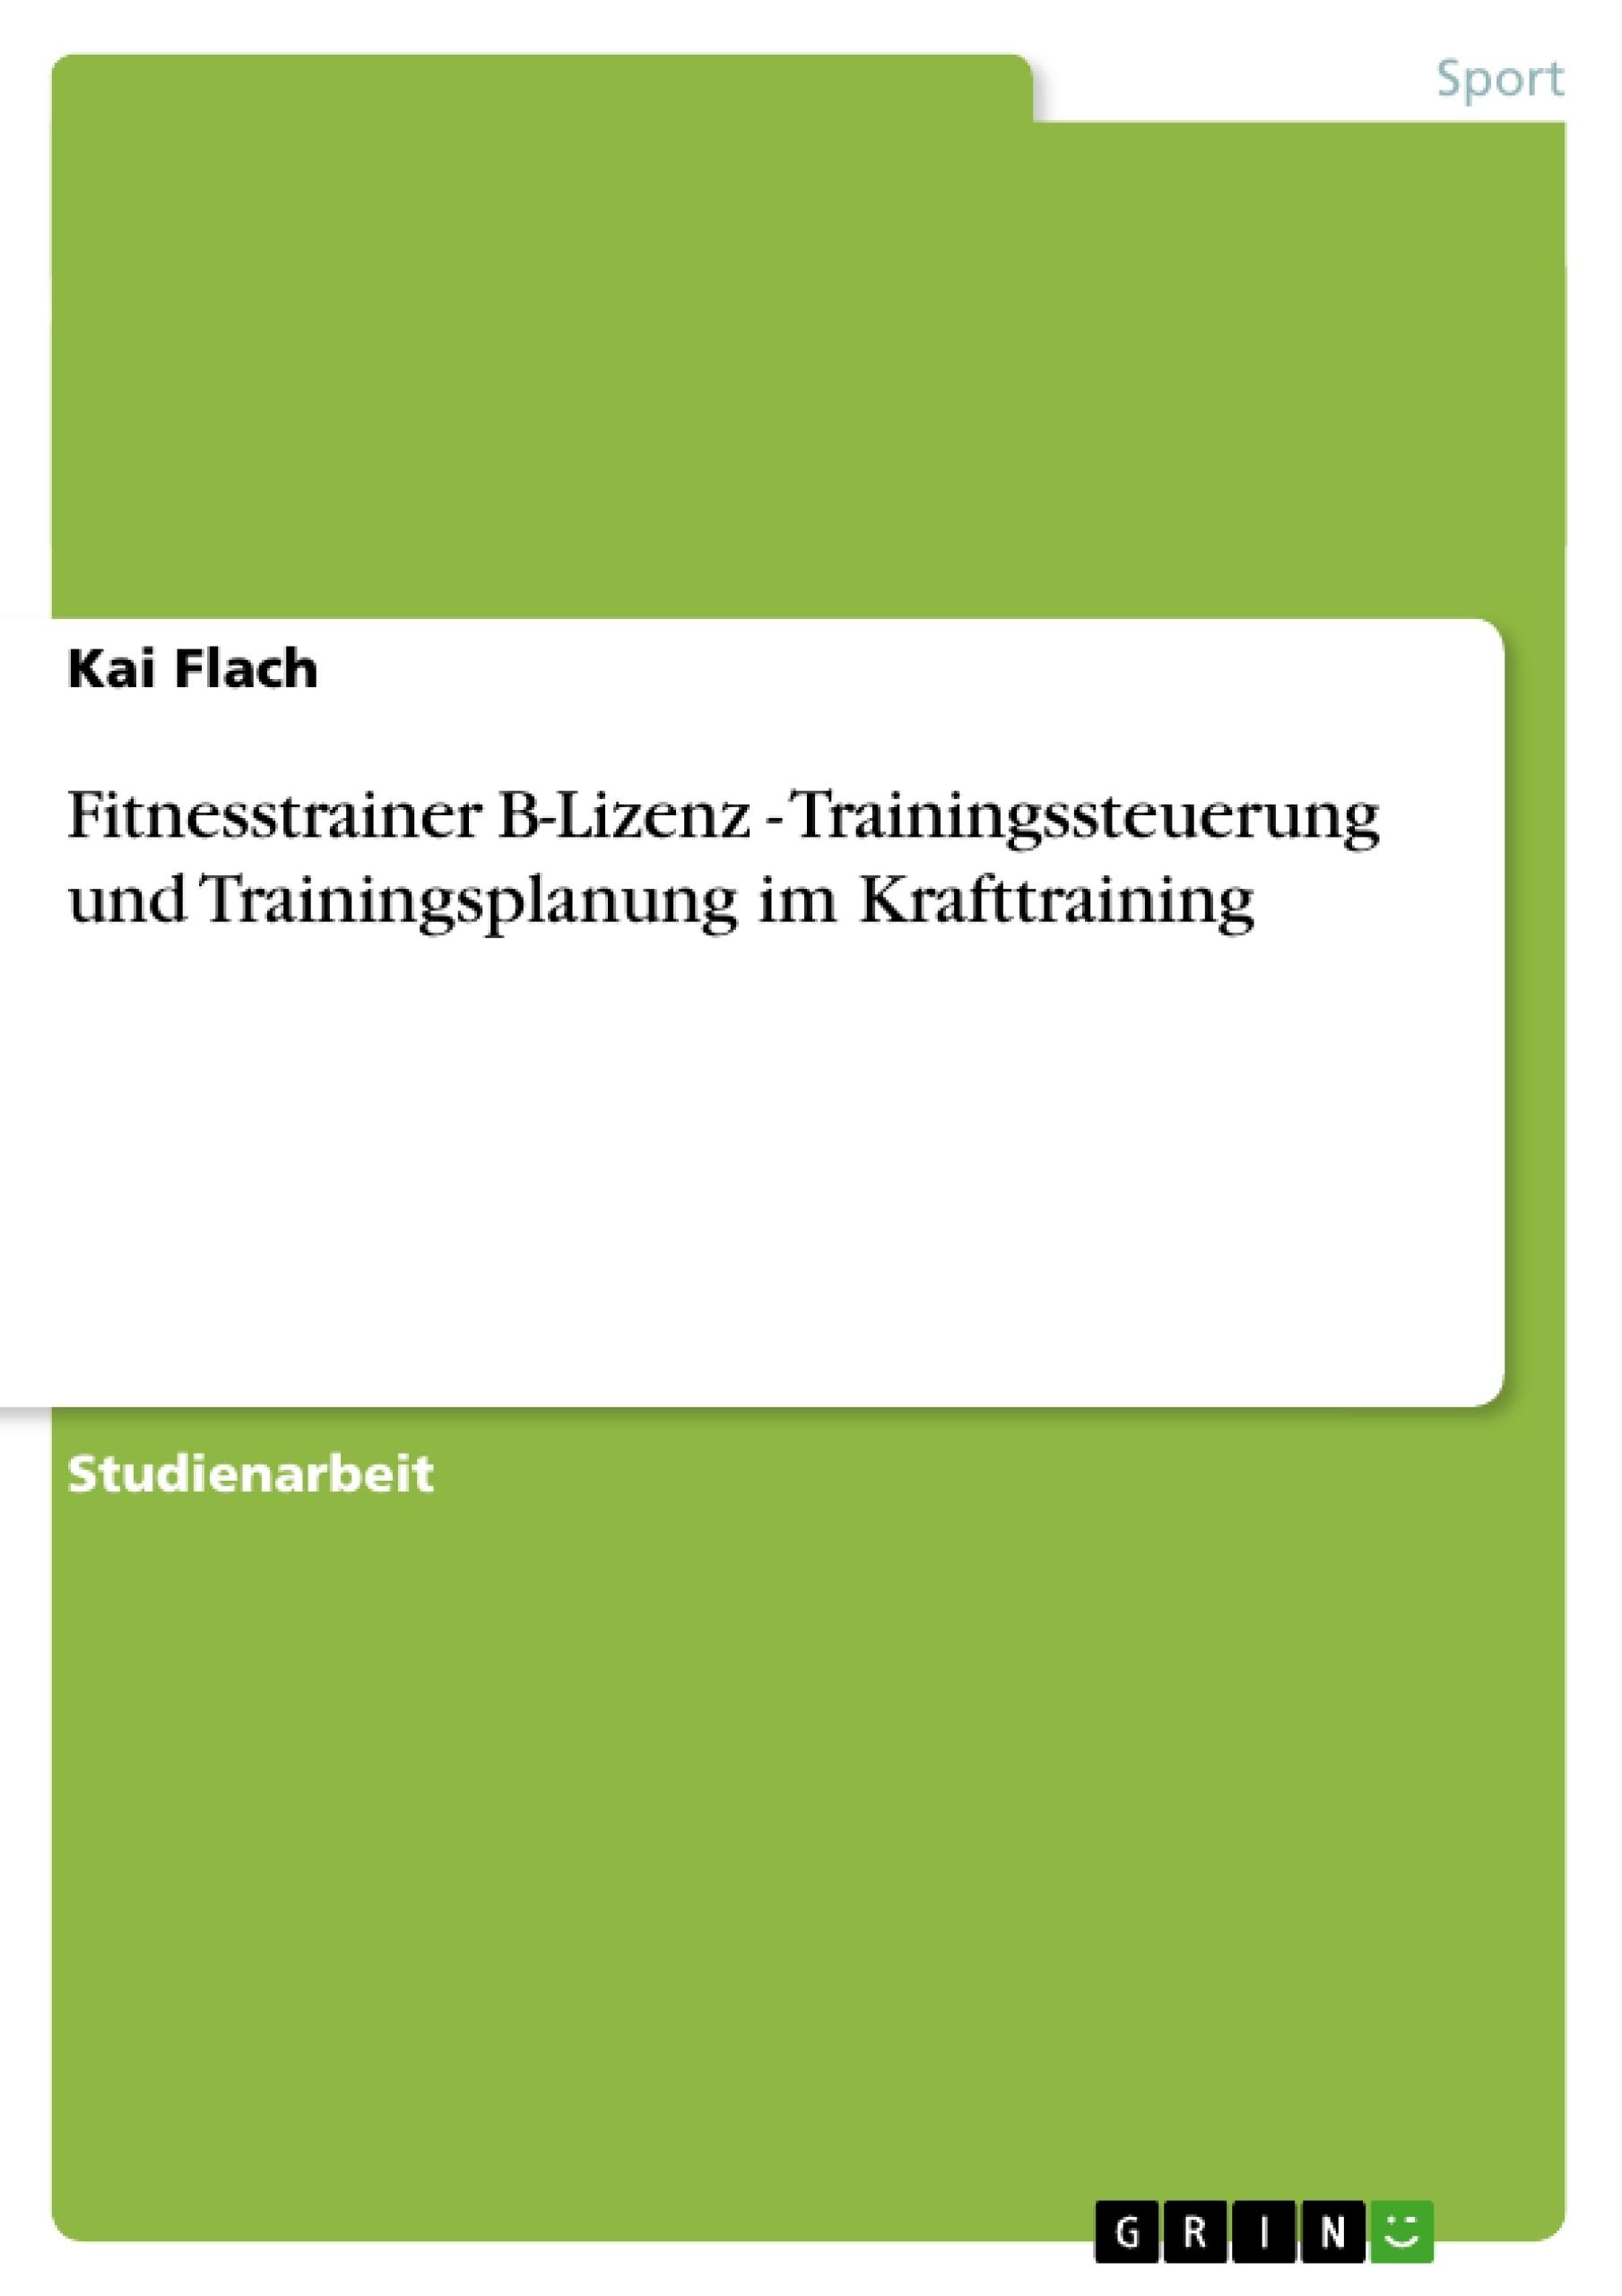 Titel: Fitnesstrainer B-Lizenz - Trainingssteuerung und Trainingsplanung im Krafttraining